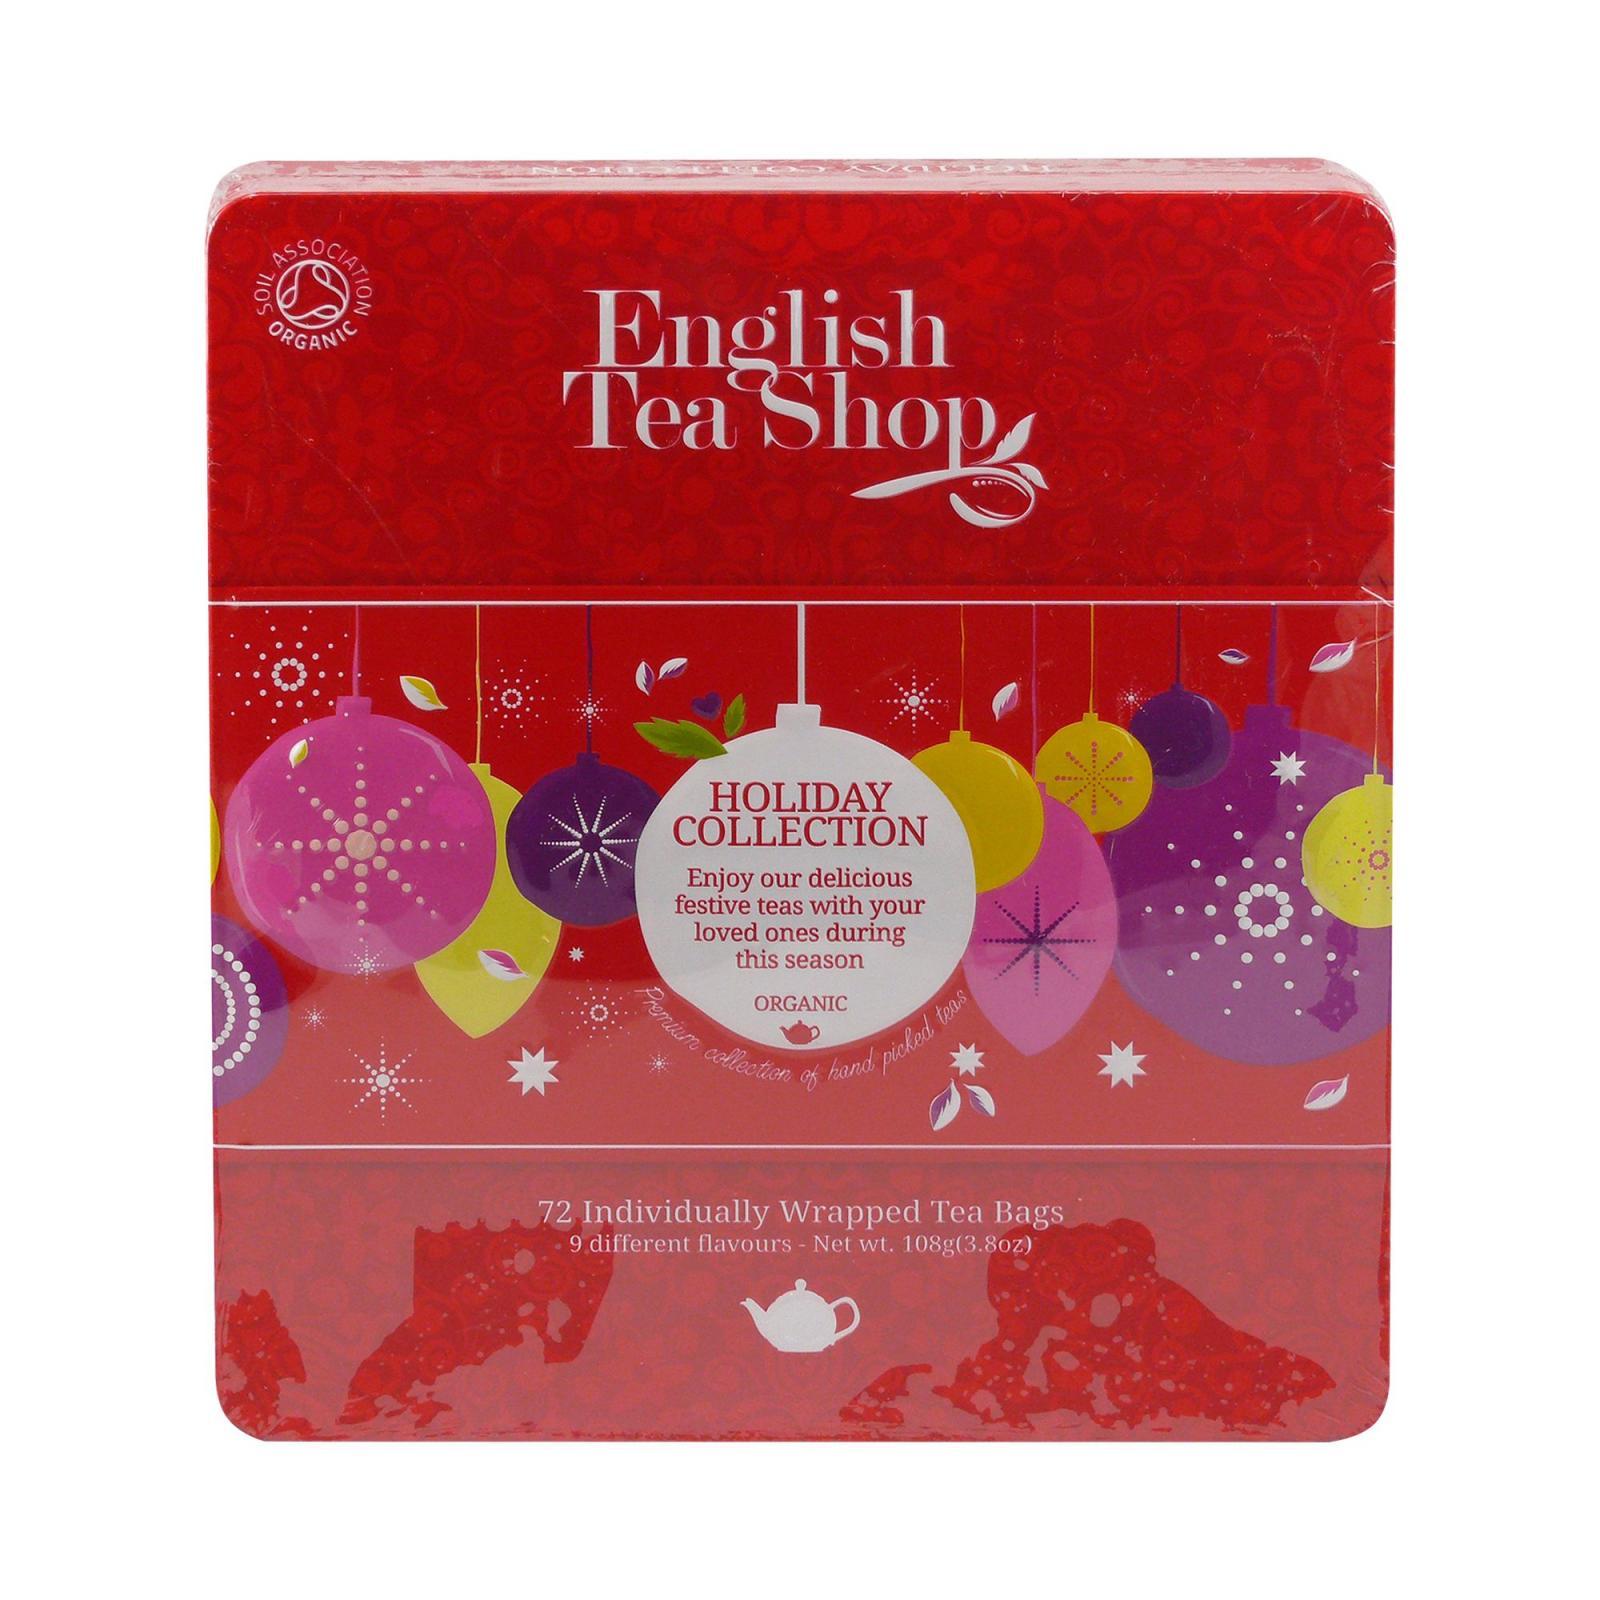 English Tea Shop Vánoční červené ozdoby, plechová kazeta, bio 108 g, 72 ks